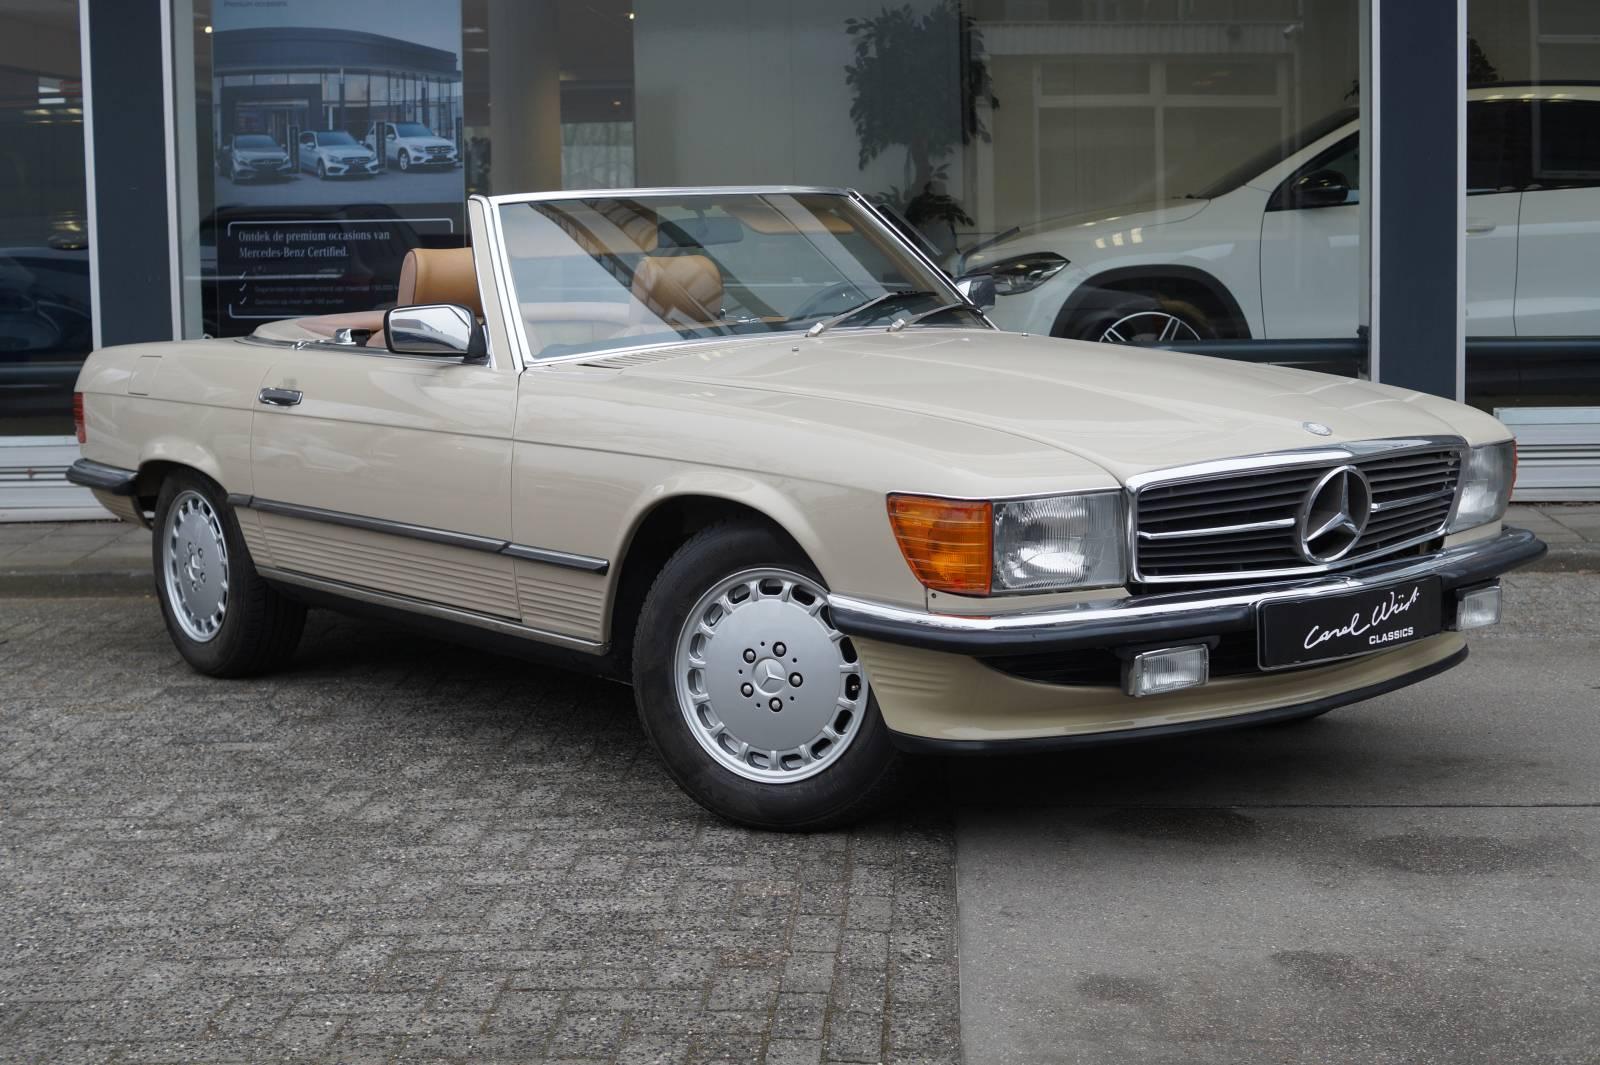 Mercedes Benz 300SL Roadster te koop 01 1986 1600